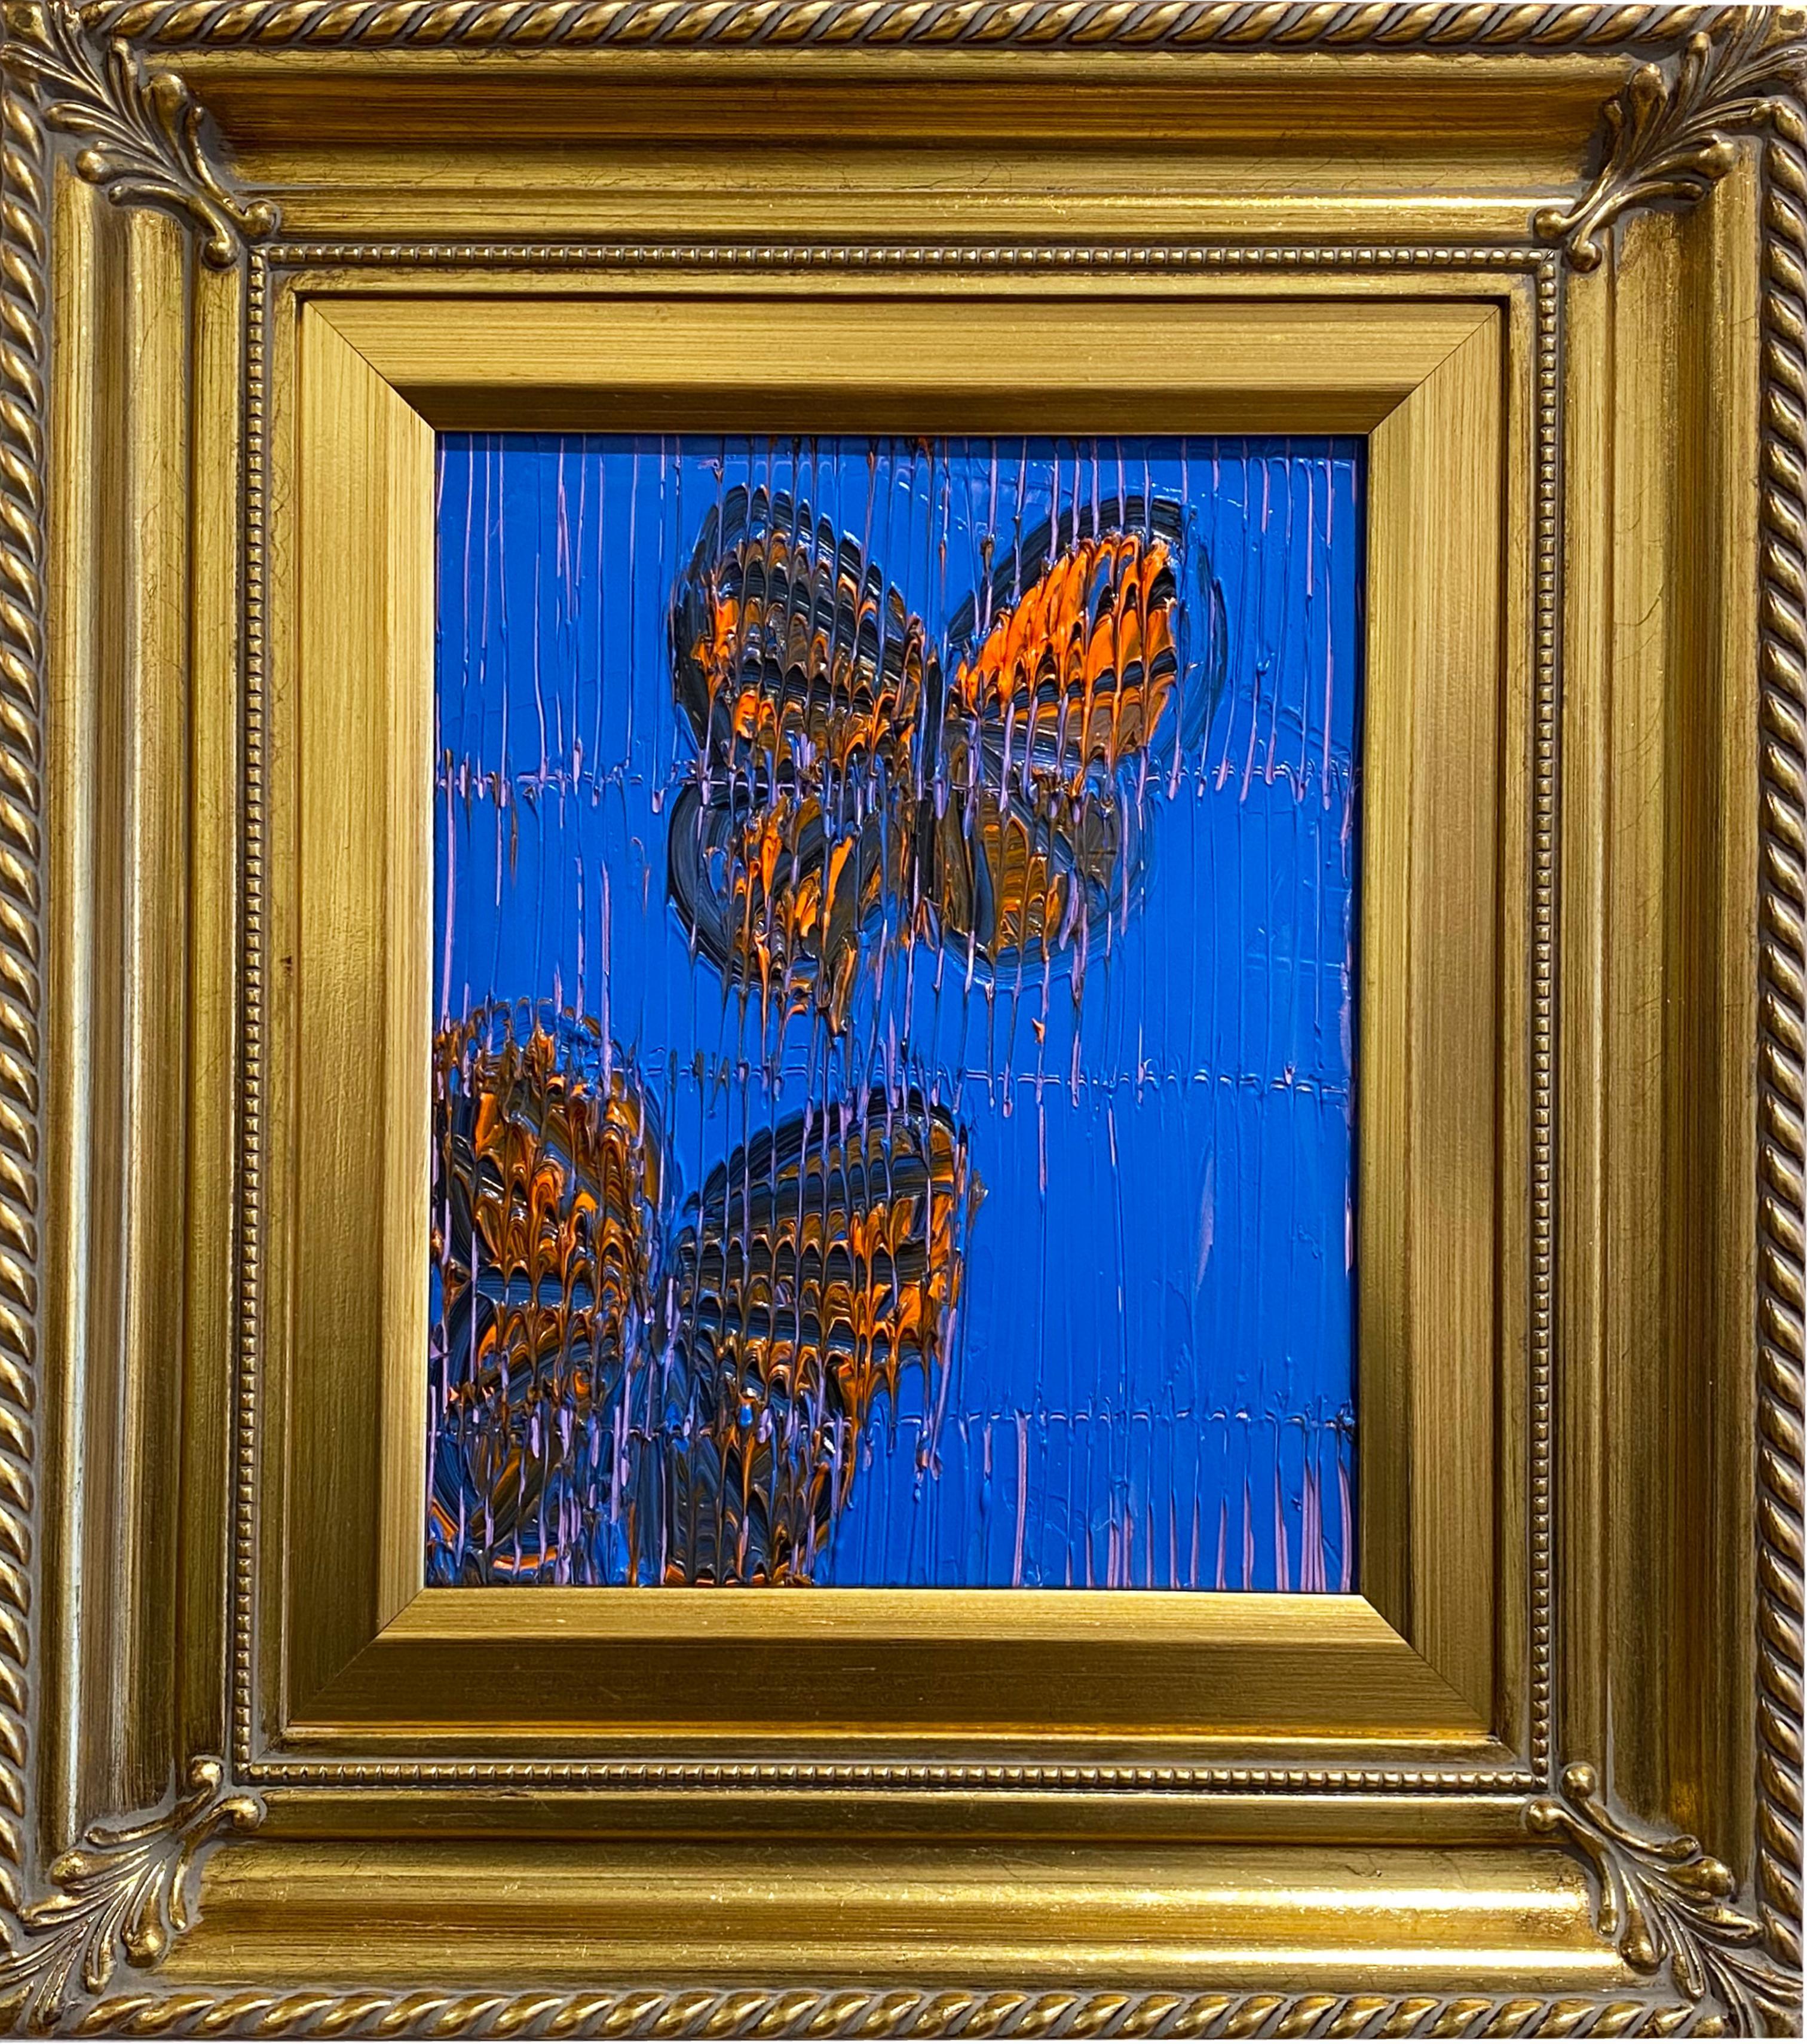 Hunt Slonem blue and orange butterflies painting 'Monarchs'